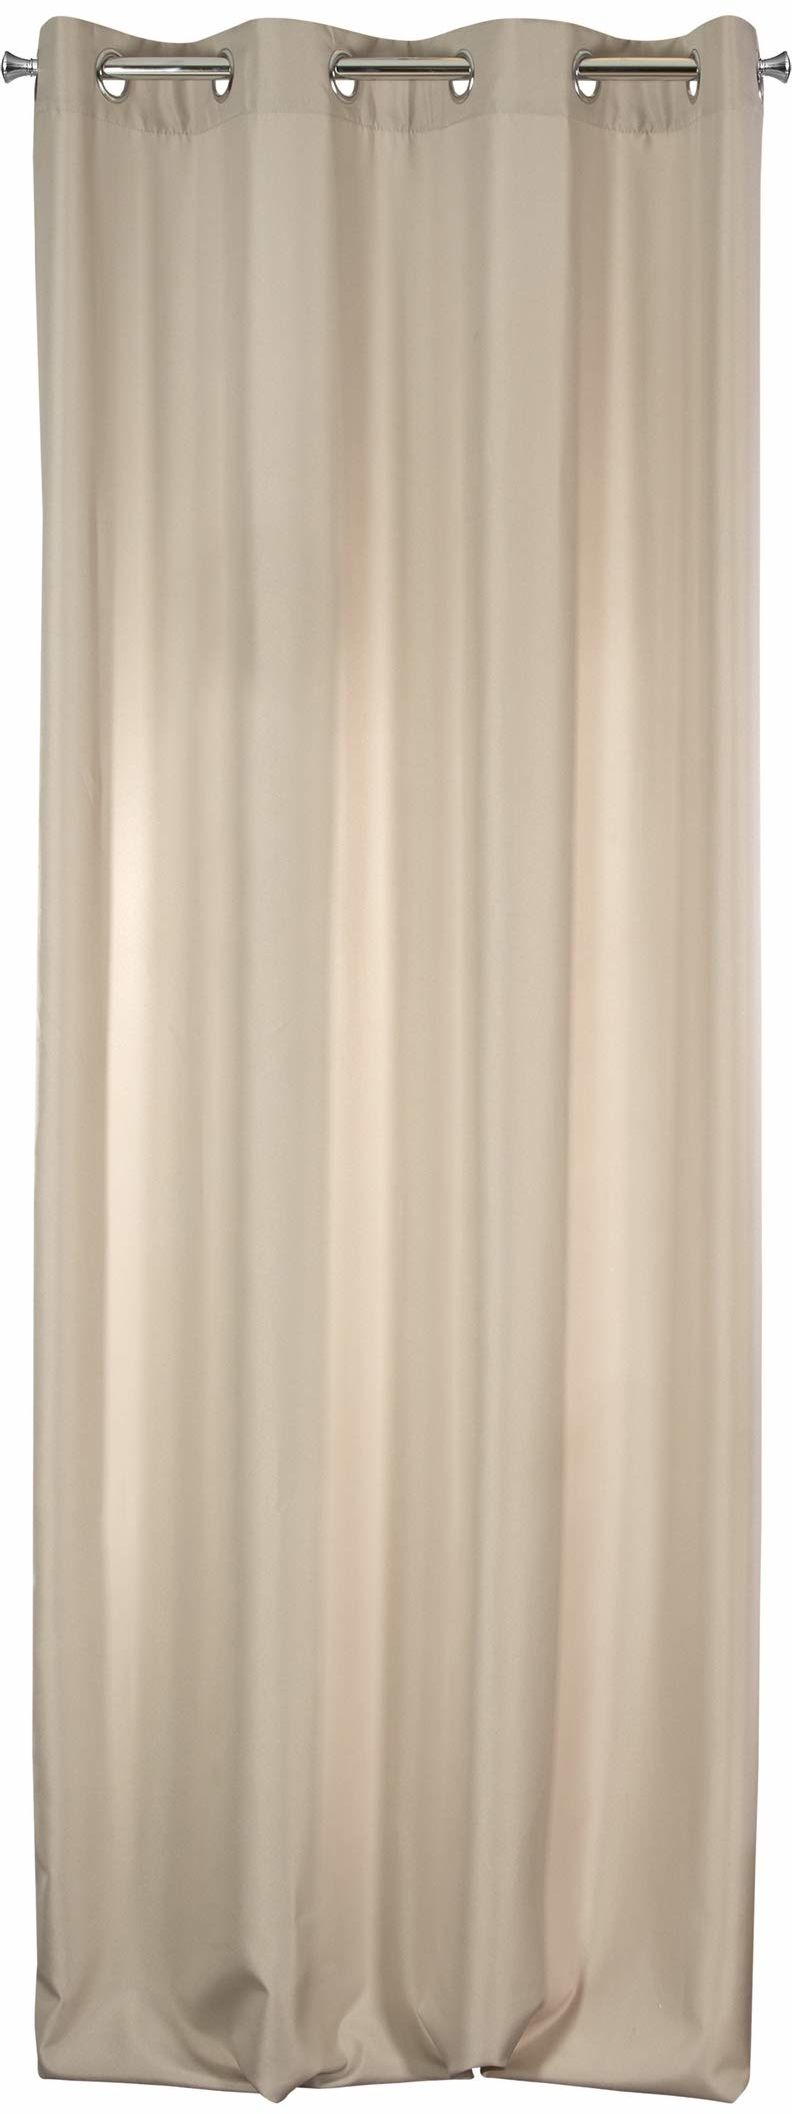 Design91 zasłona gładka matowa 8 oczek miękka firanka 1 szt. nowoczesna prosta sypialnia pokój dziecięcy salon, materiał, cappuccino, 140 x 250 cm